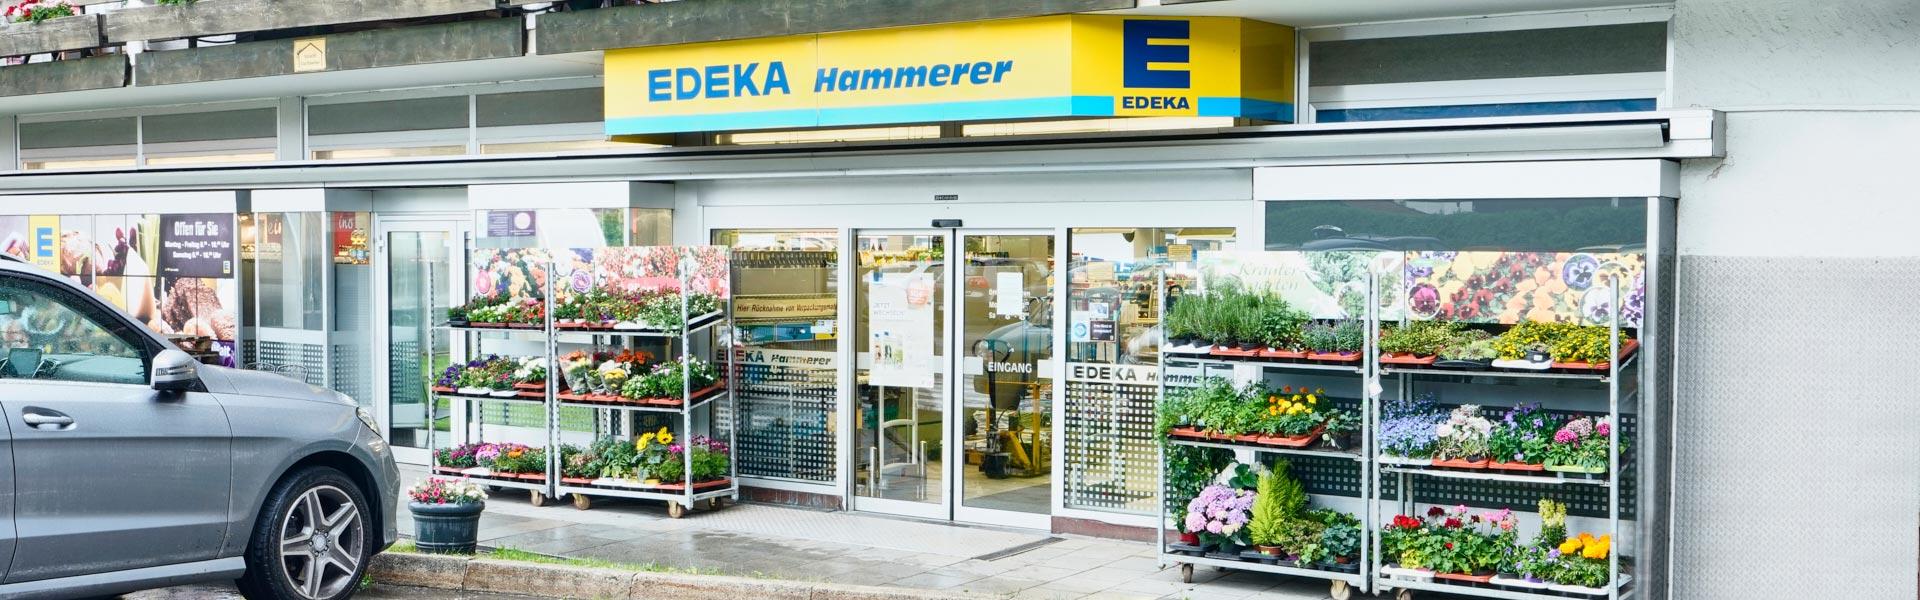 EDEKA Hammerer in Rottach-Egern